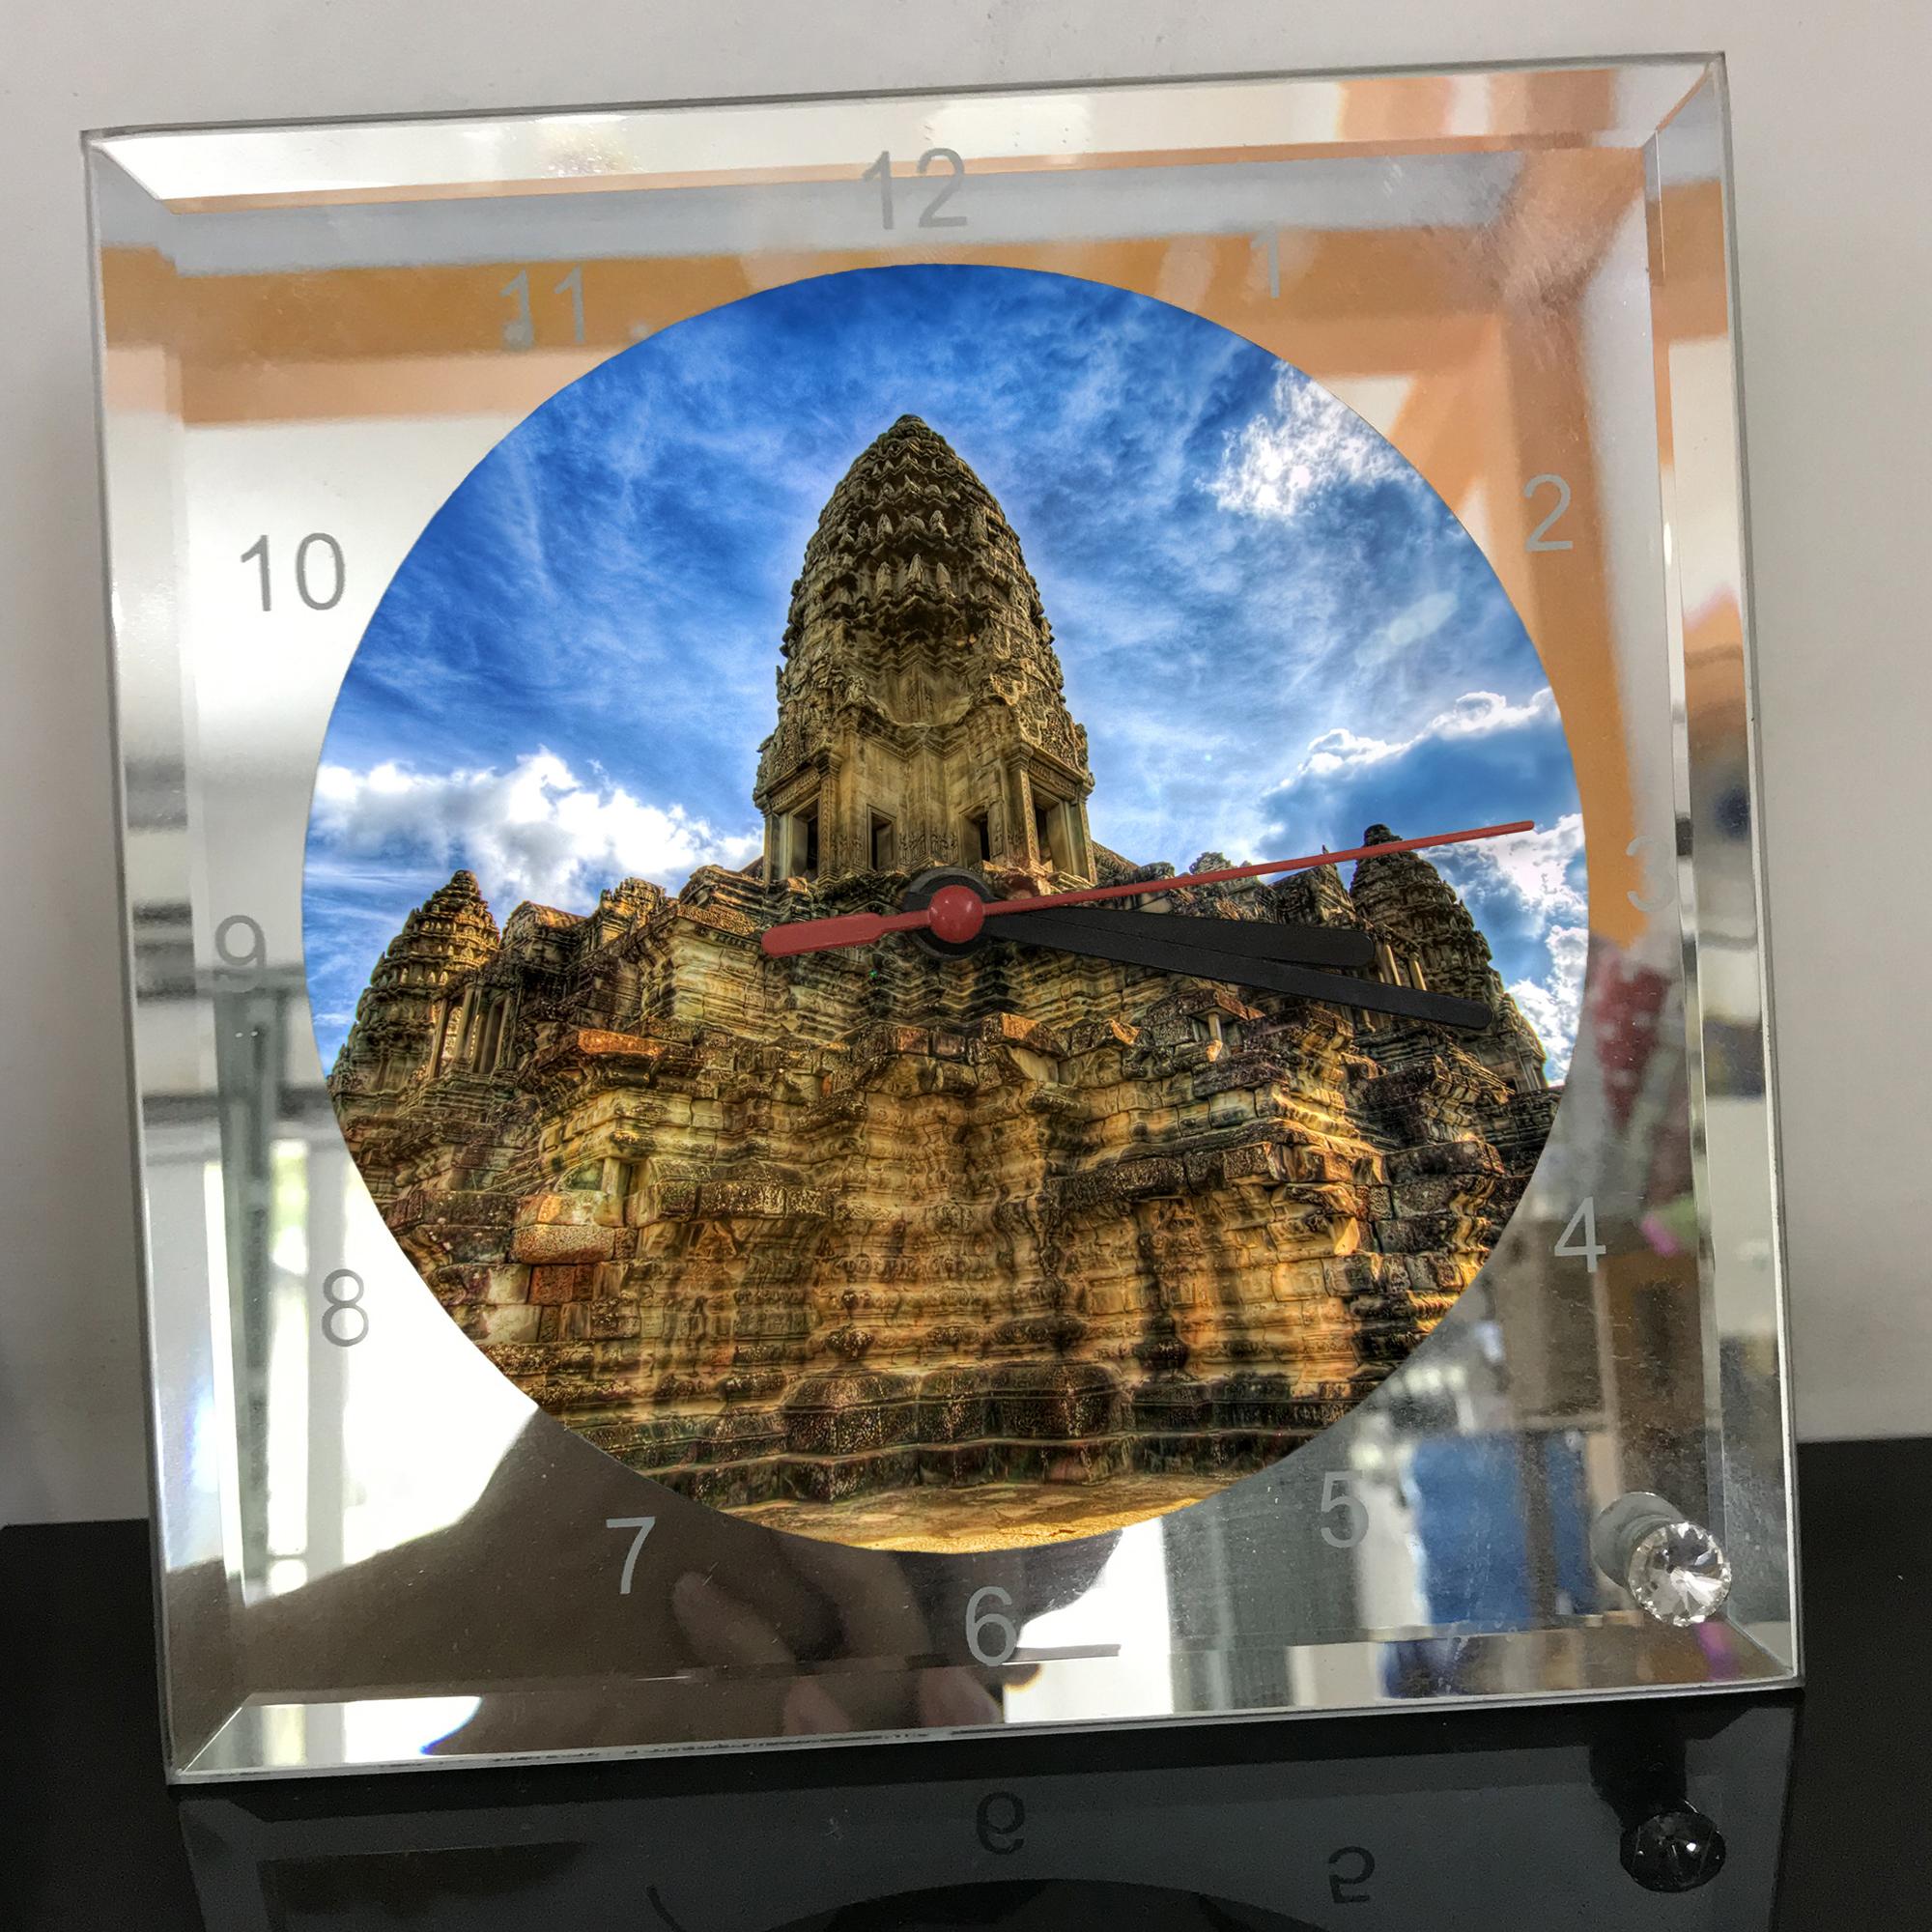 Đồng hồ vuông thủy tinh 20x20 in hình Temple - đền thờ (74) . Đồng hồ thủy tinh để bàn trang trí đẹp chủ đề tôn giáo